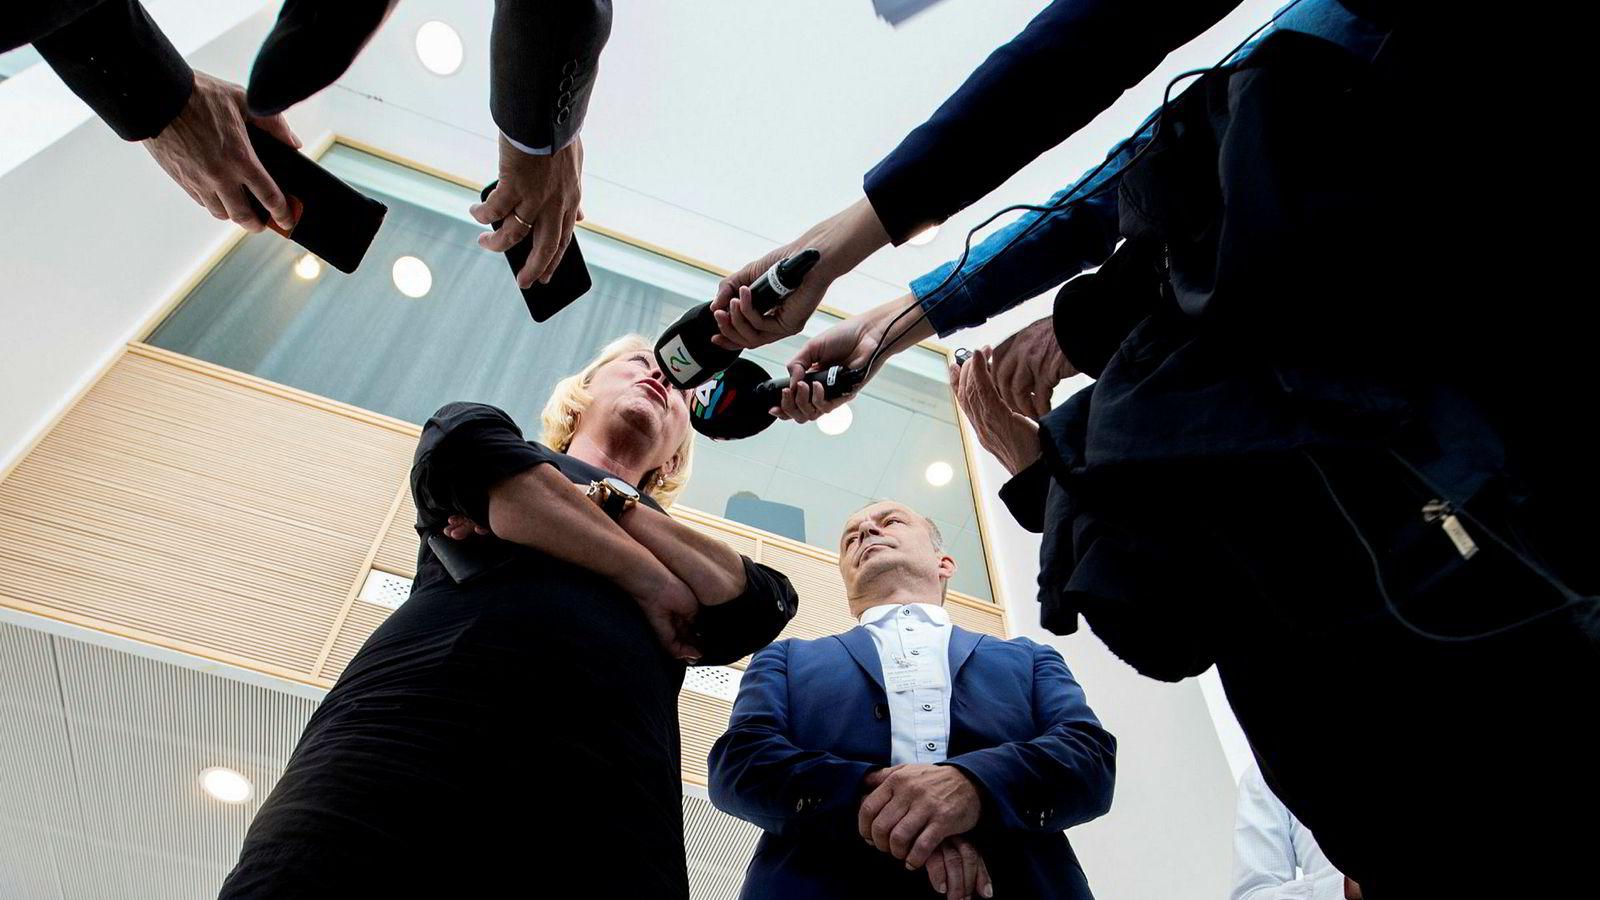 Kommunal- og moderniseringsminister Monica Mæland møtte fylkesrådsleder i Troms, Willy Ørnebakk (Ap). Etterpå fortalte hun at sammenslåingen av Troms og Finnmark settes på pause.